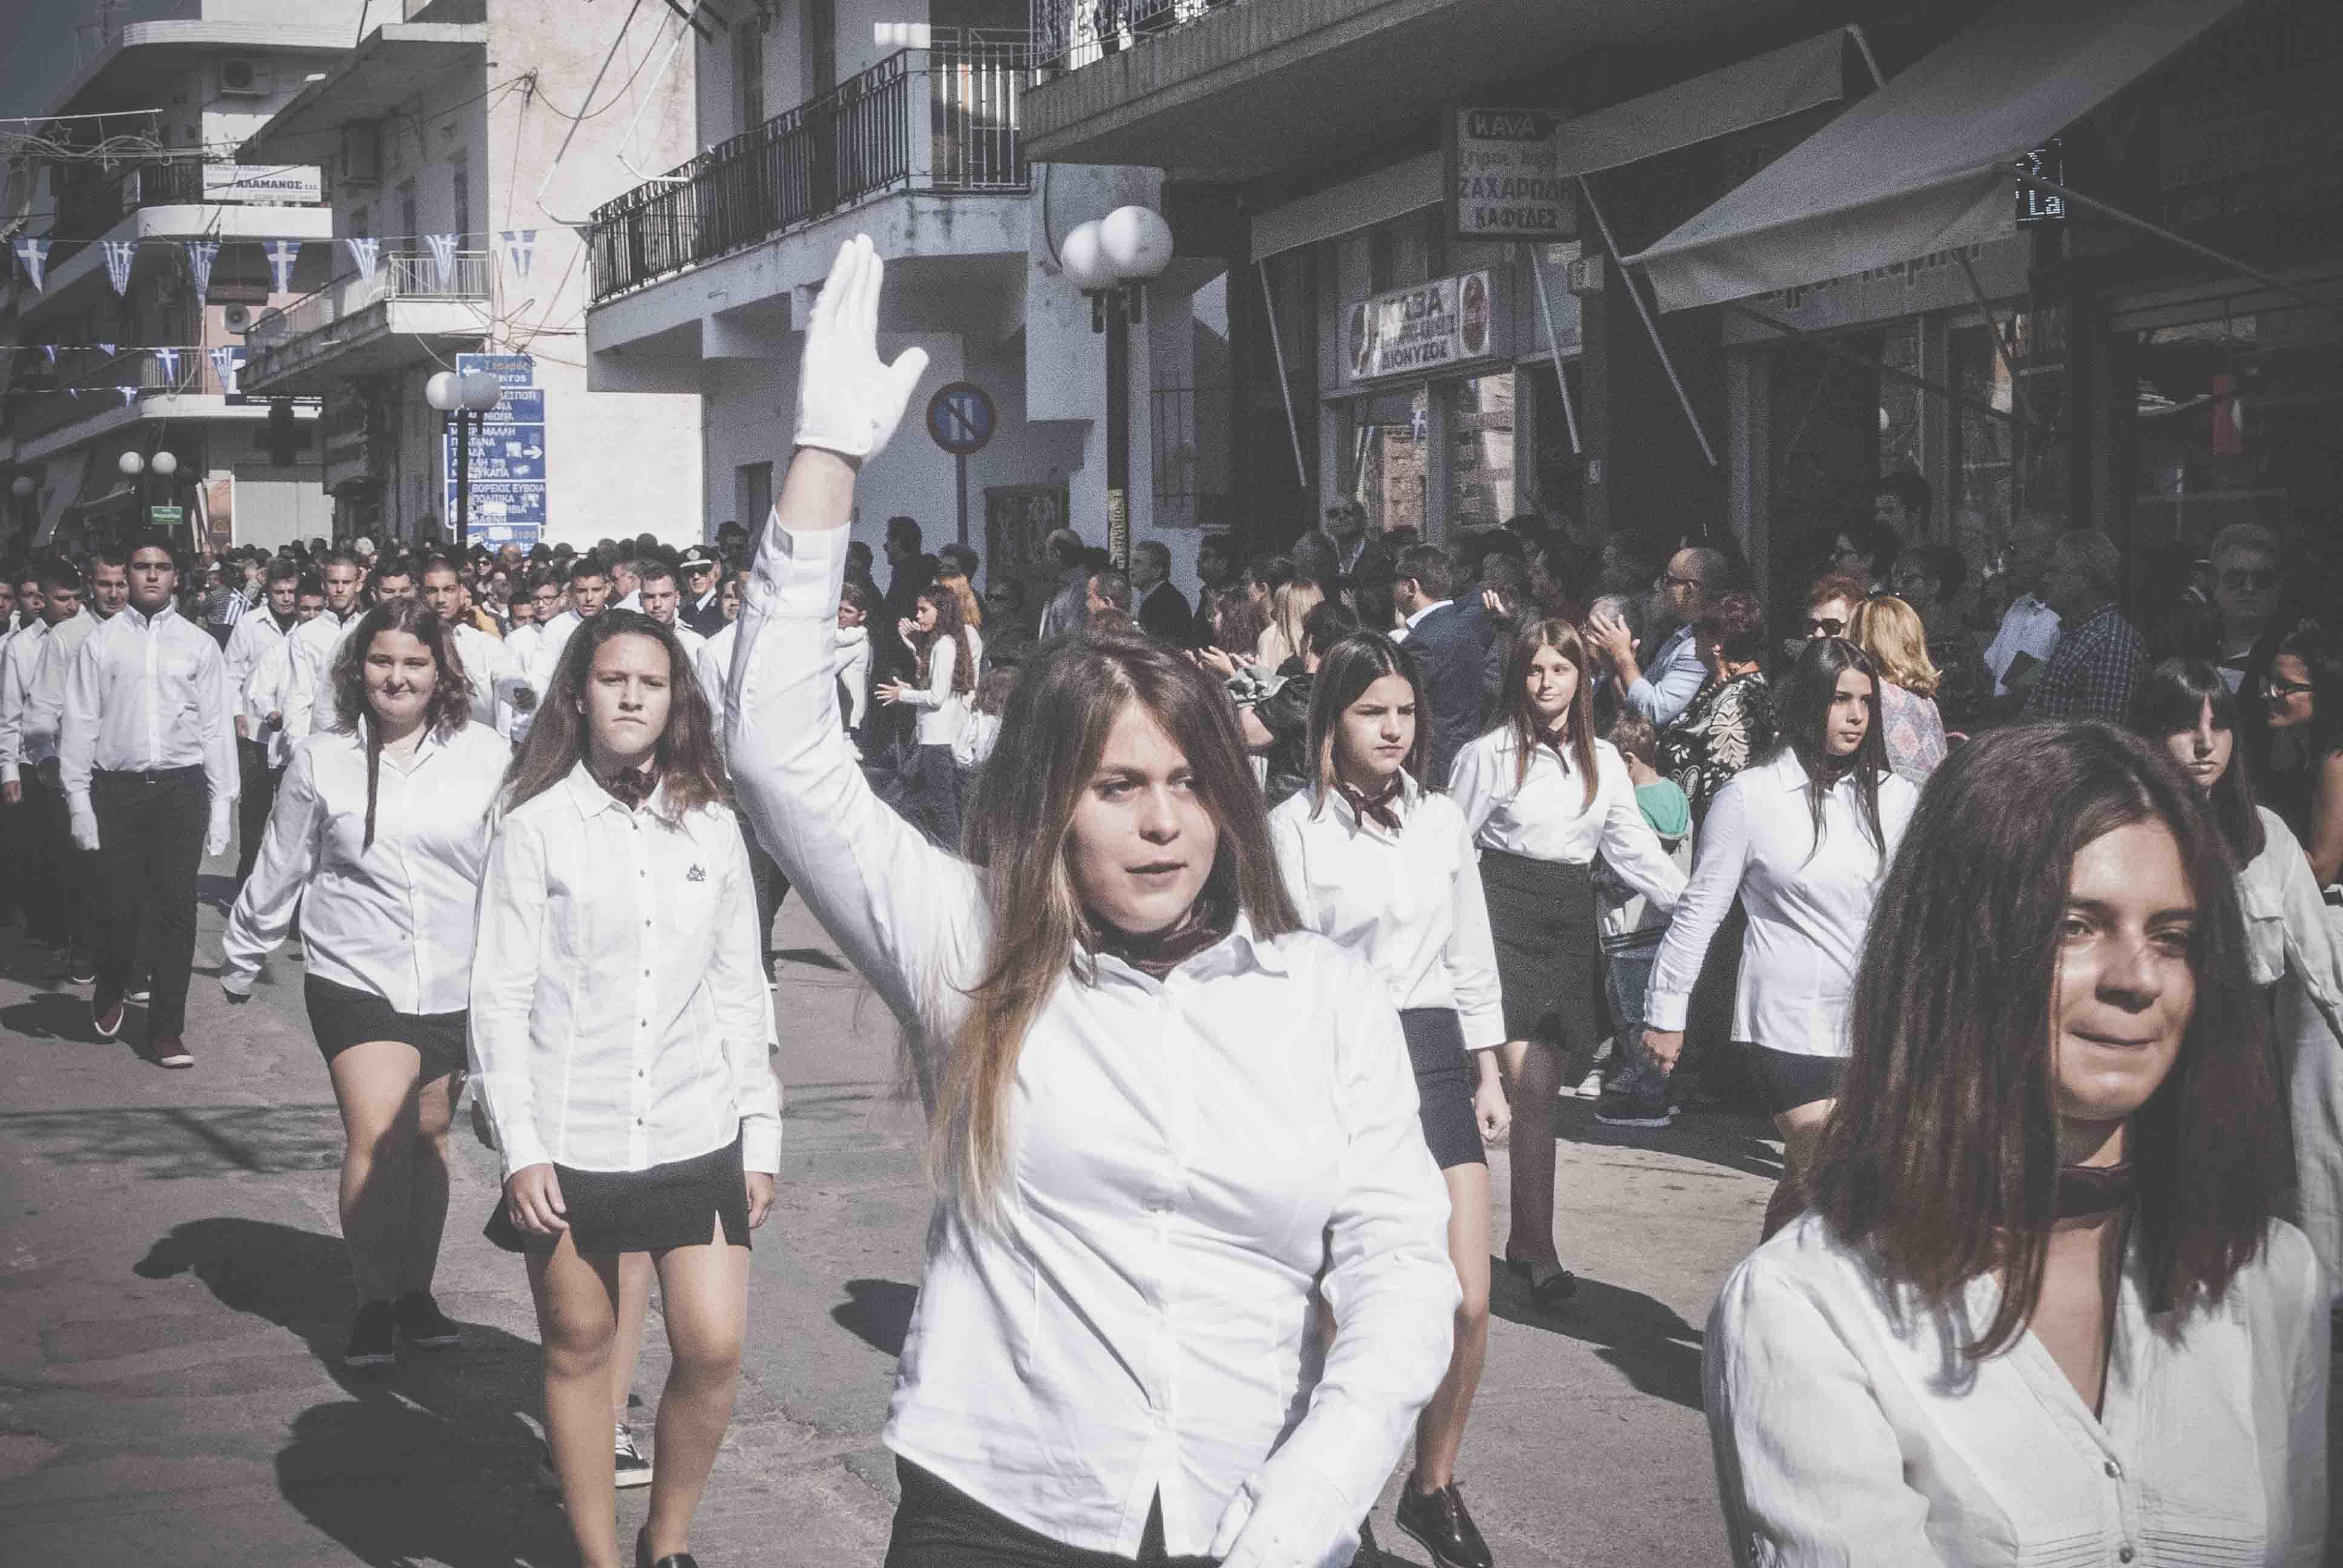 Φωτογραφικό υλικό από την παρέλαση στα Ψαχνά DSC 0438  Η παρέλαση της 28ης Οκτωβρίου σε Καστέλλα και Ψαχνά (φωτό) DSC 0438